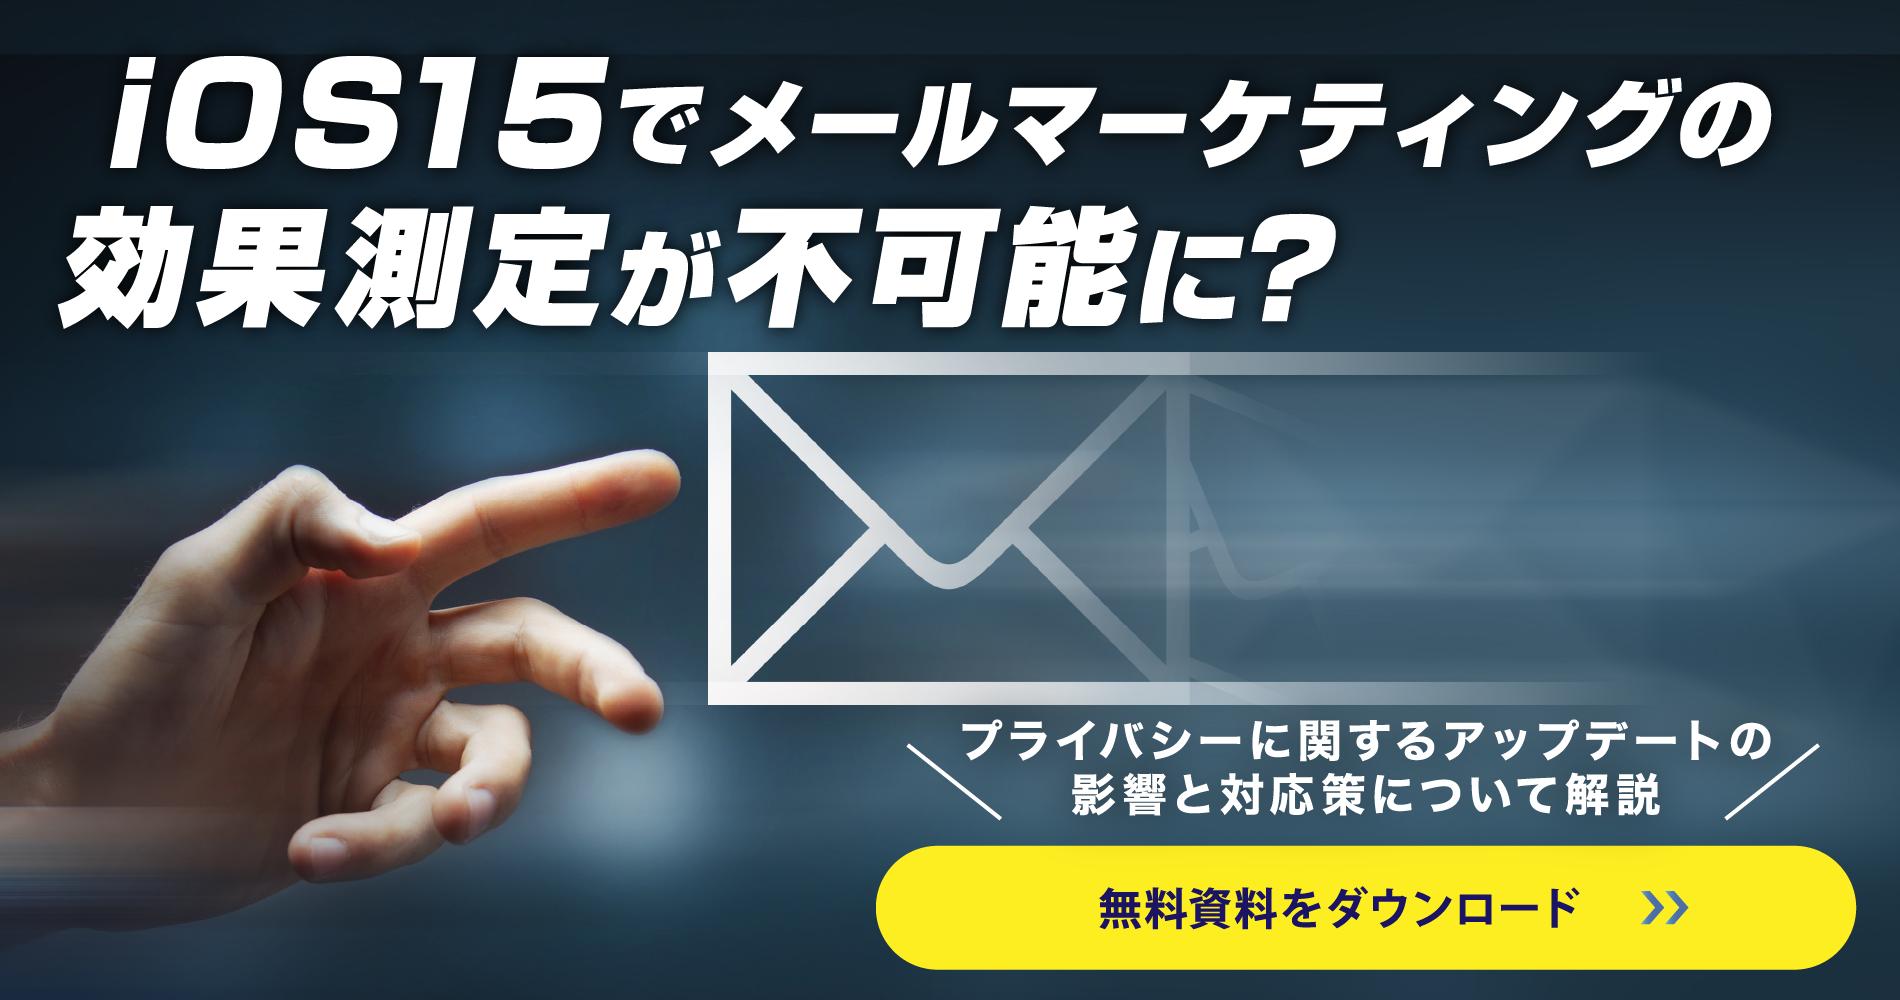 メールマーケティングにおけるデータ規制の今後と対応策